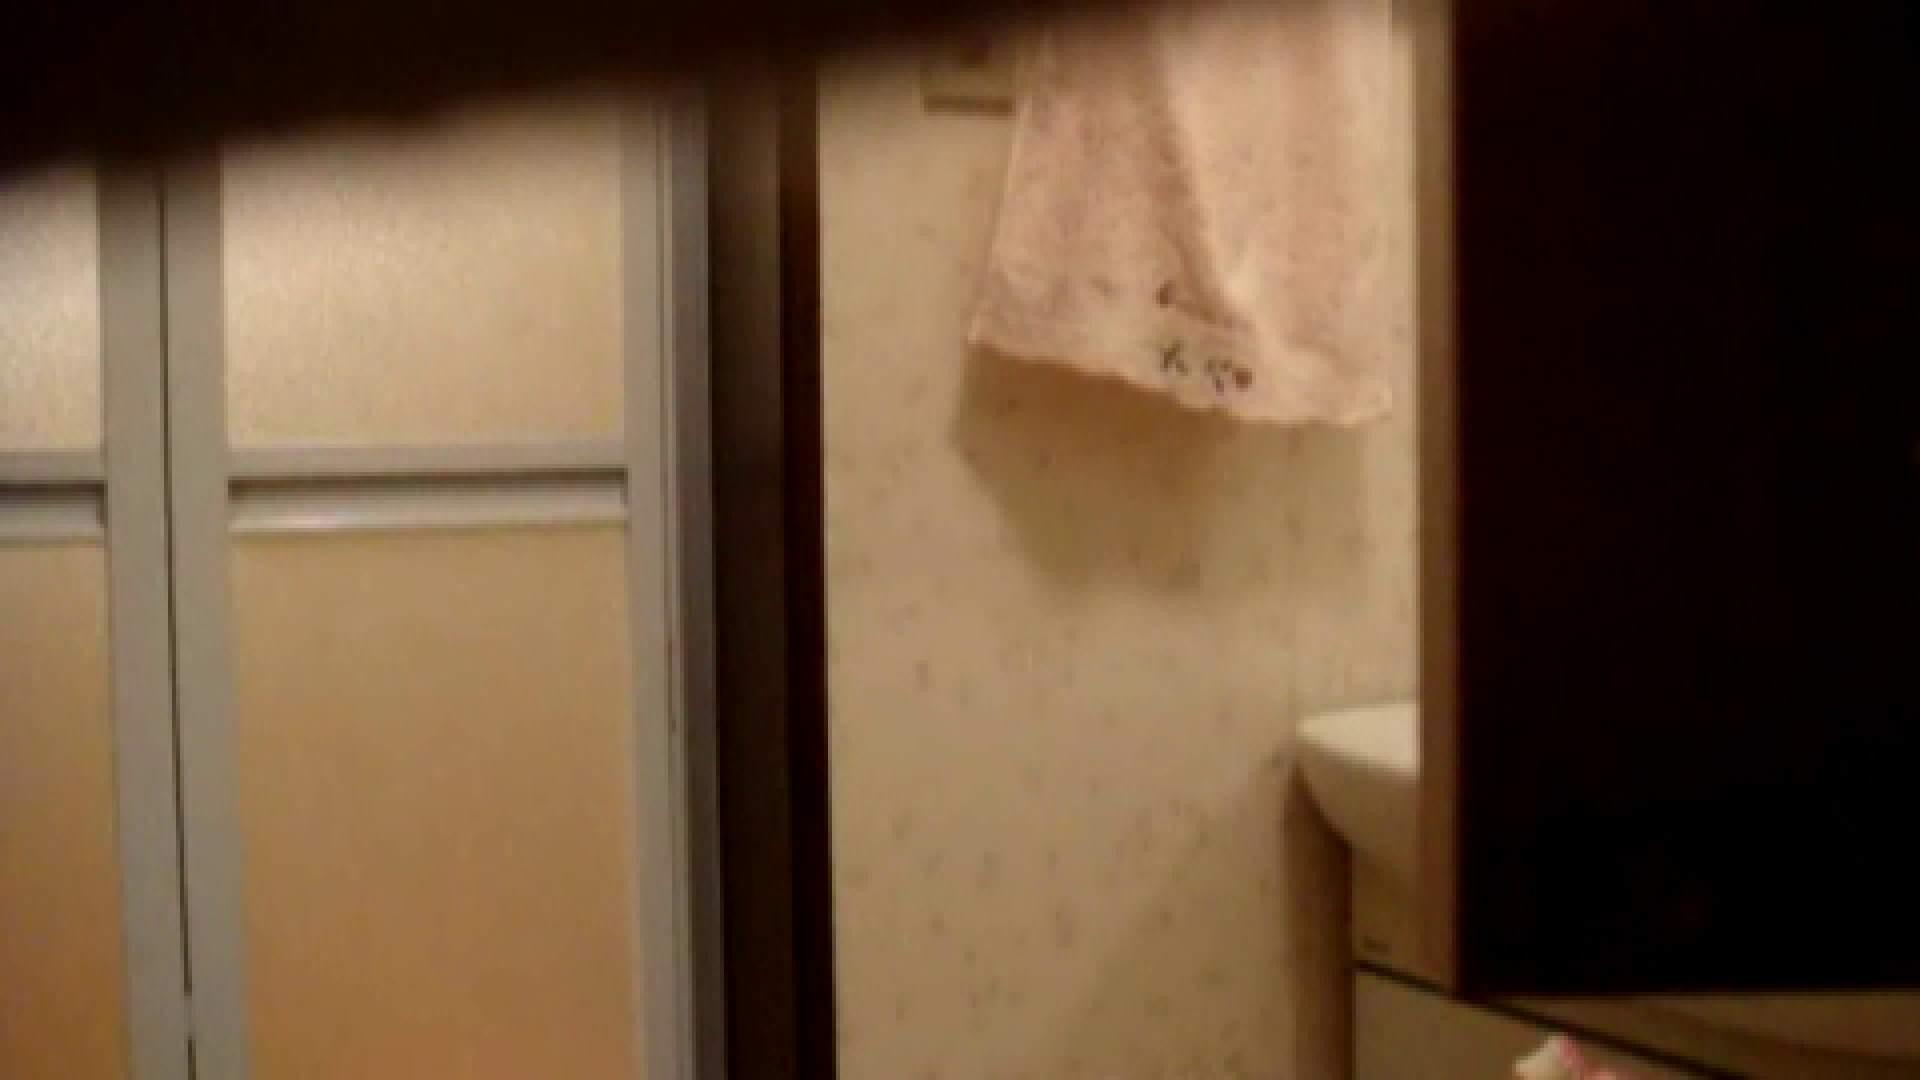 二人とも育てた甲斐がありました… vol.08 まどかの入浴中にカメラに気付いたか!? 入浴 | HなOL  50pic 5